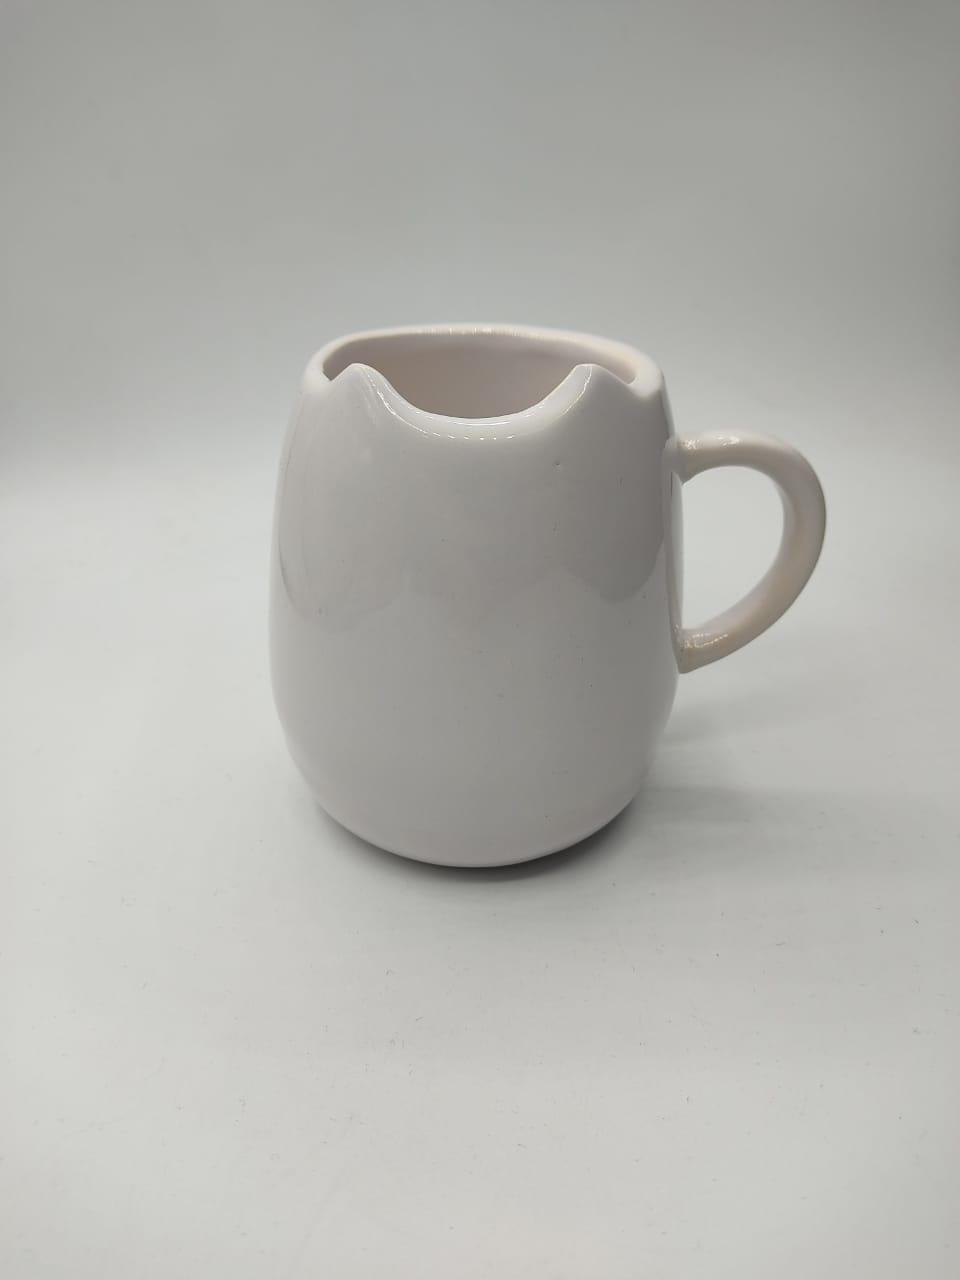 Caneca Lisa Chifrinho ''Branca''  (Pequenos Detalhes Na Cerâmica)